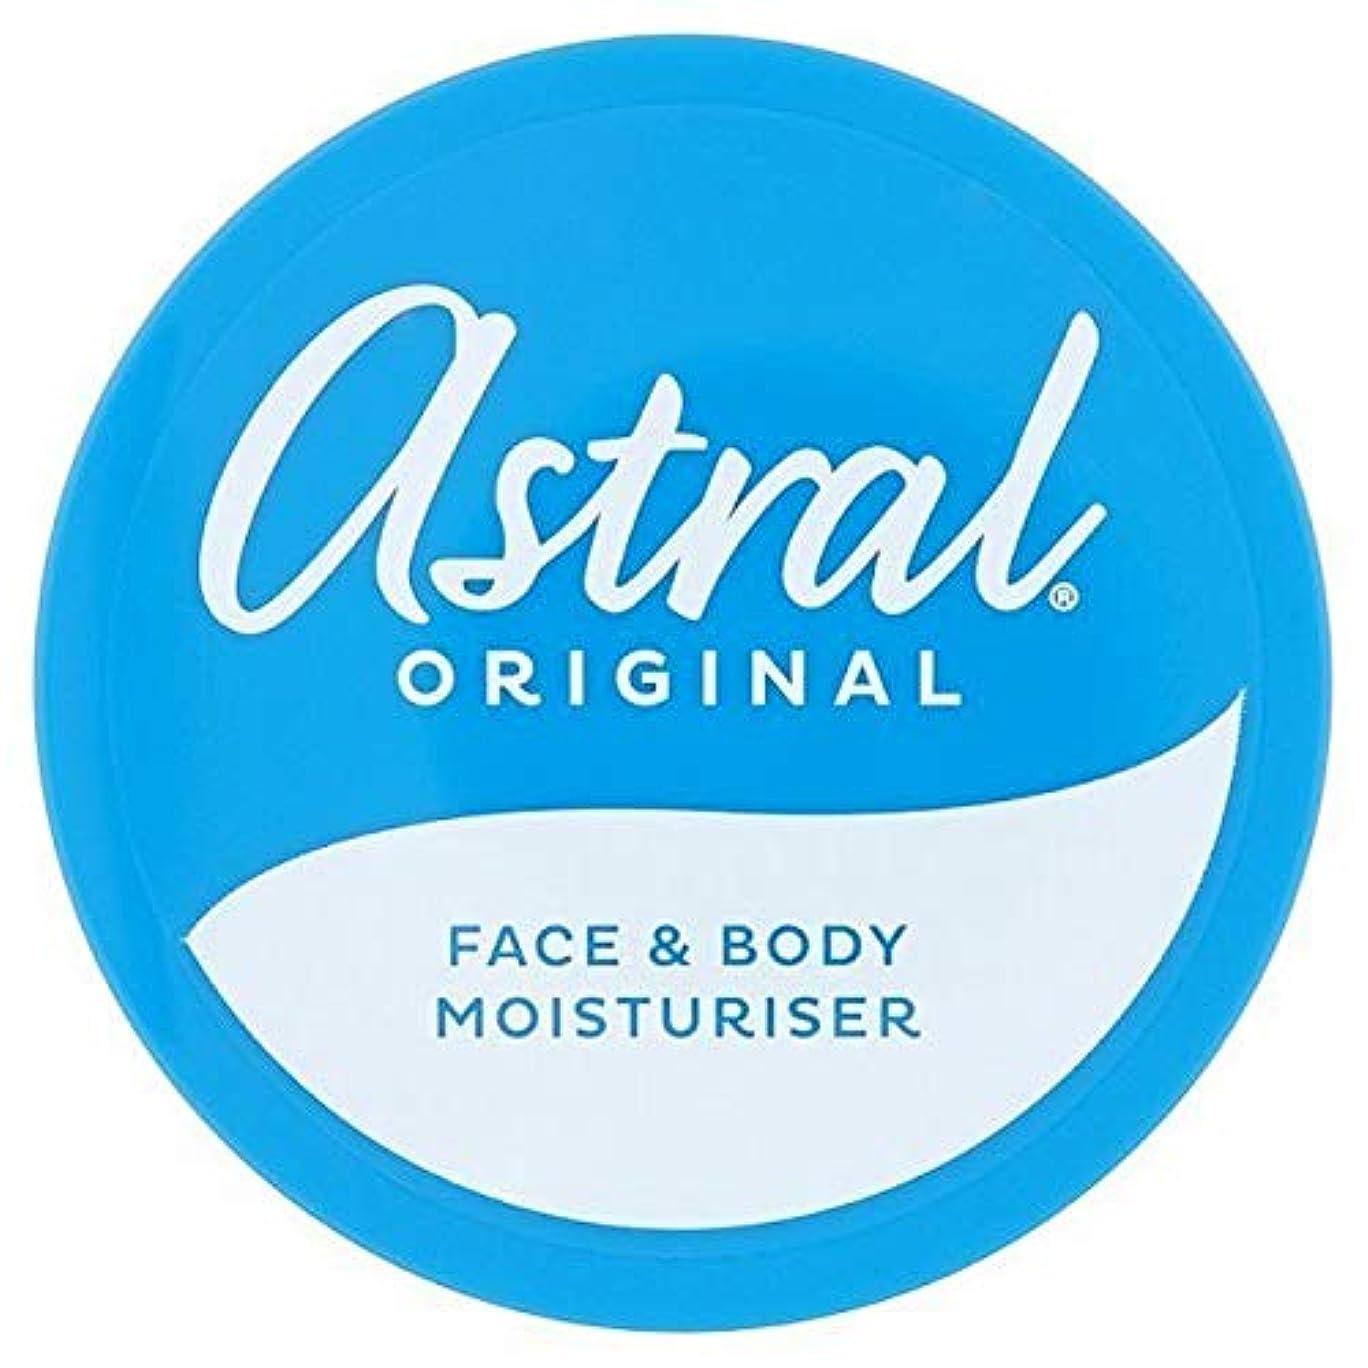 コジオスコレーダー永遠に[Astral ] アストラルクリーム経済の200ミリリットル - Astral Cream Economy 200ml [並行輸入品]